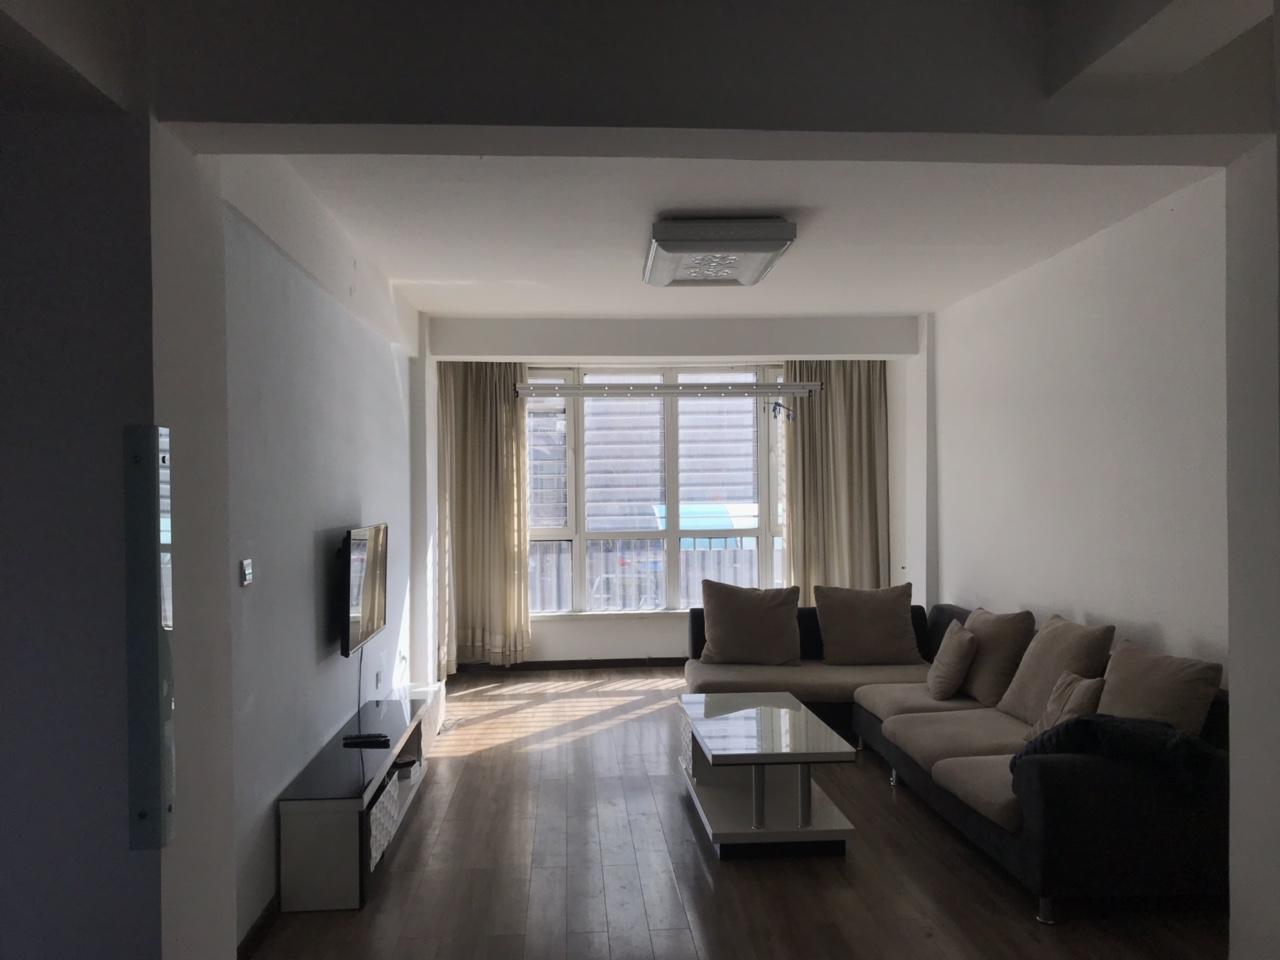 龙畔家园2室 2厅 1卫36万元